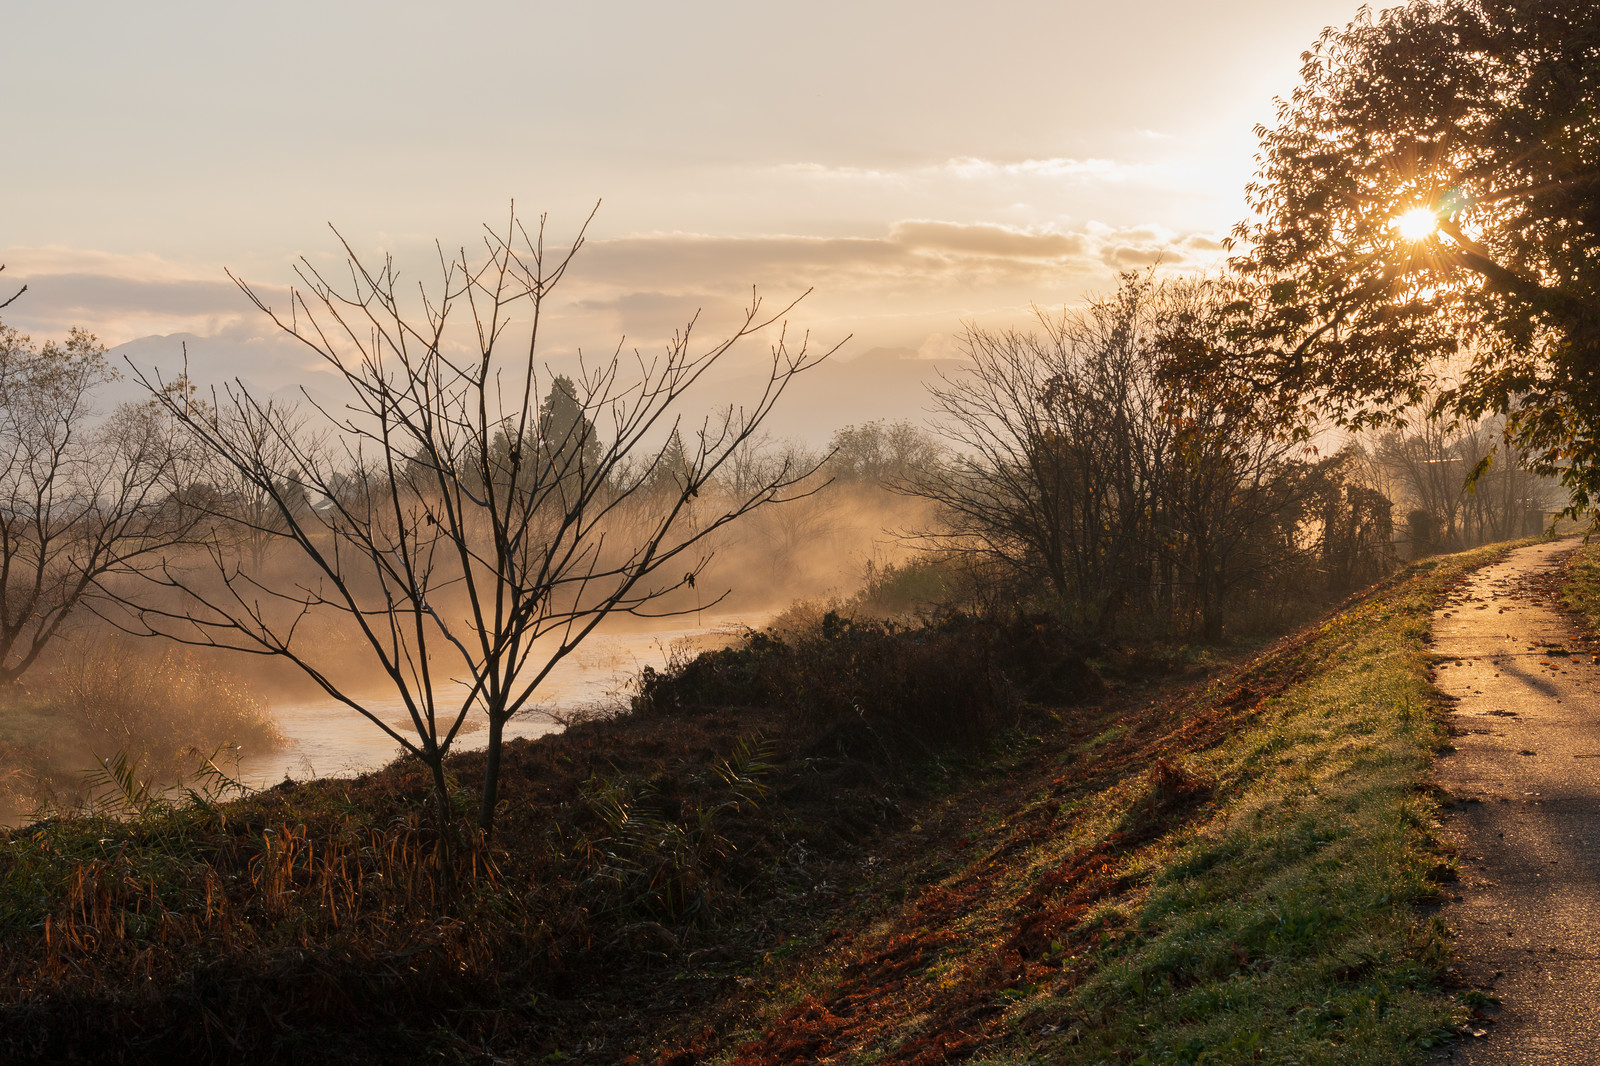 「朝焼けに染まる川霧(蒸気霧)」の写真